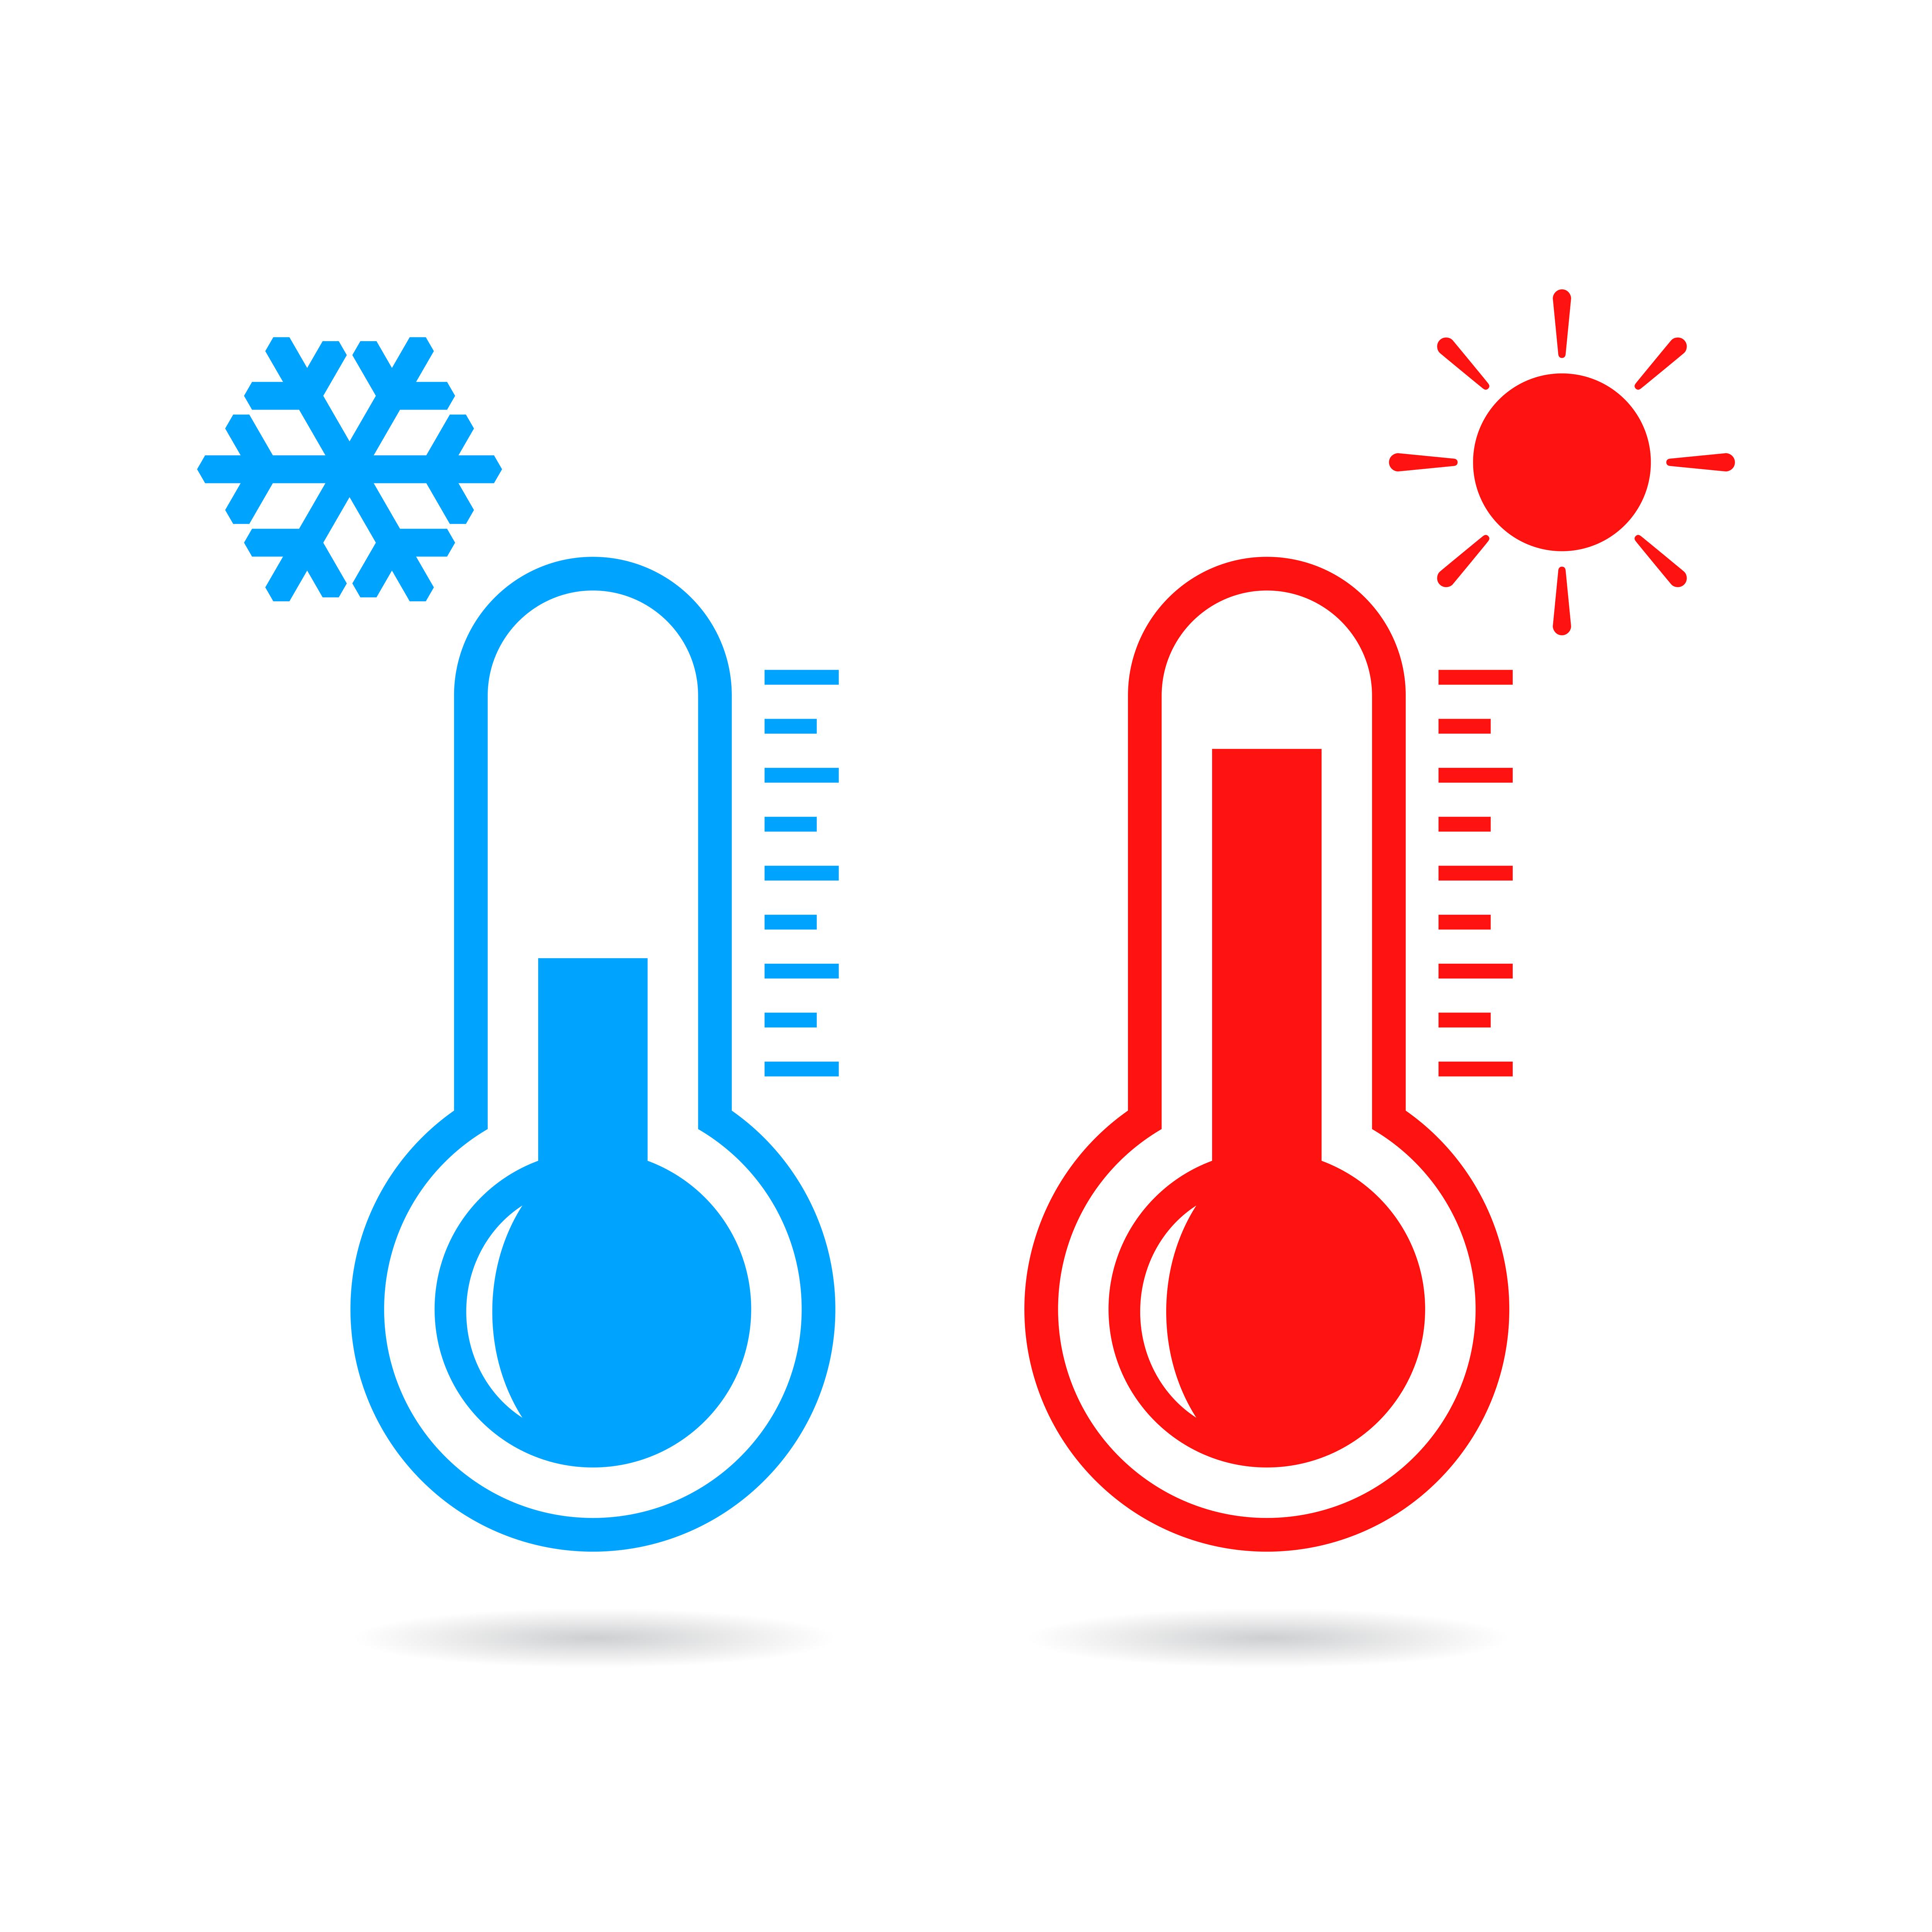 koelere aanvoertemperatuur